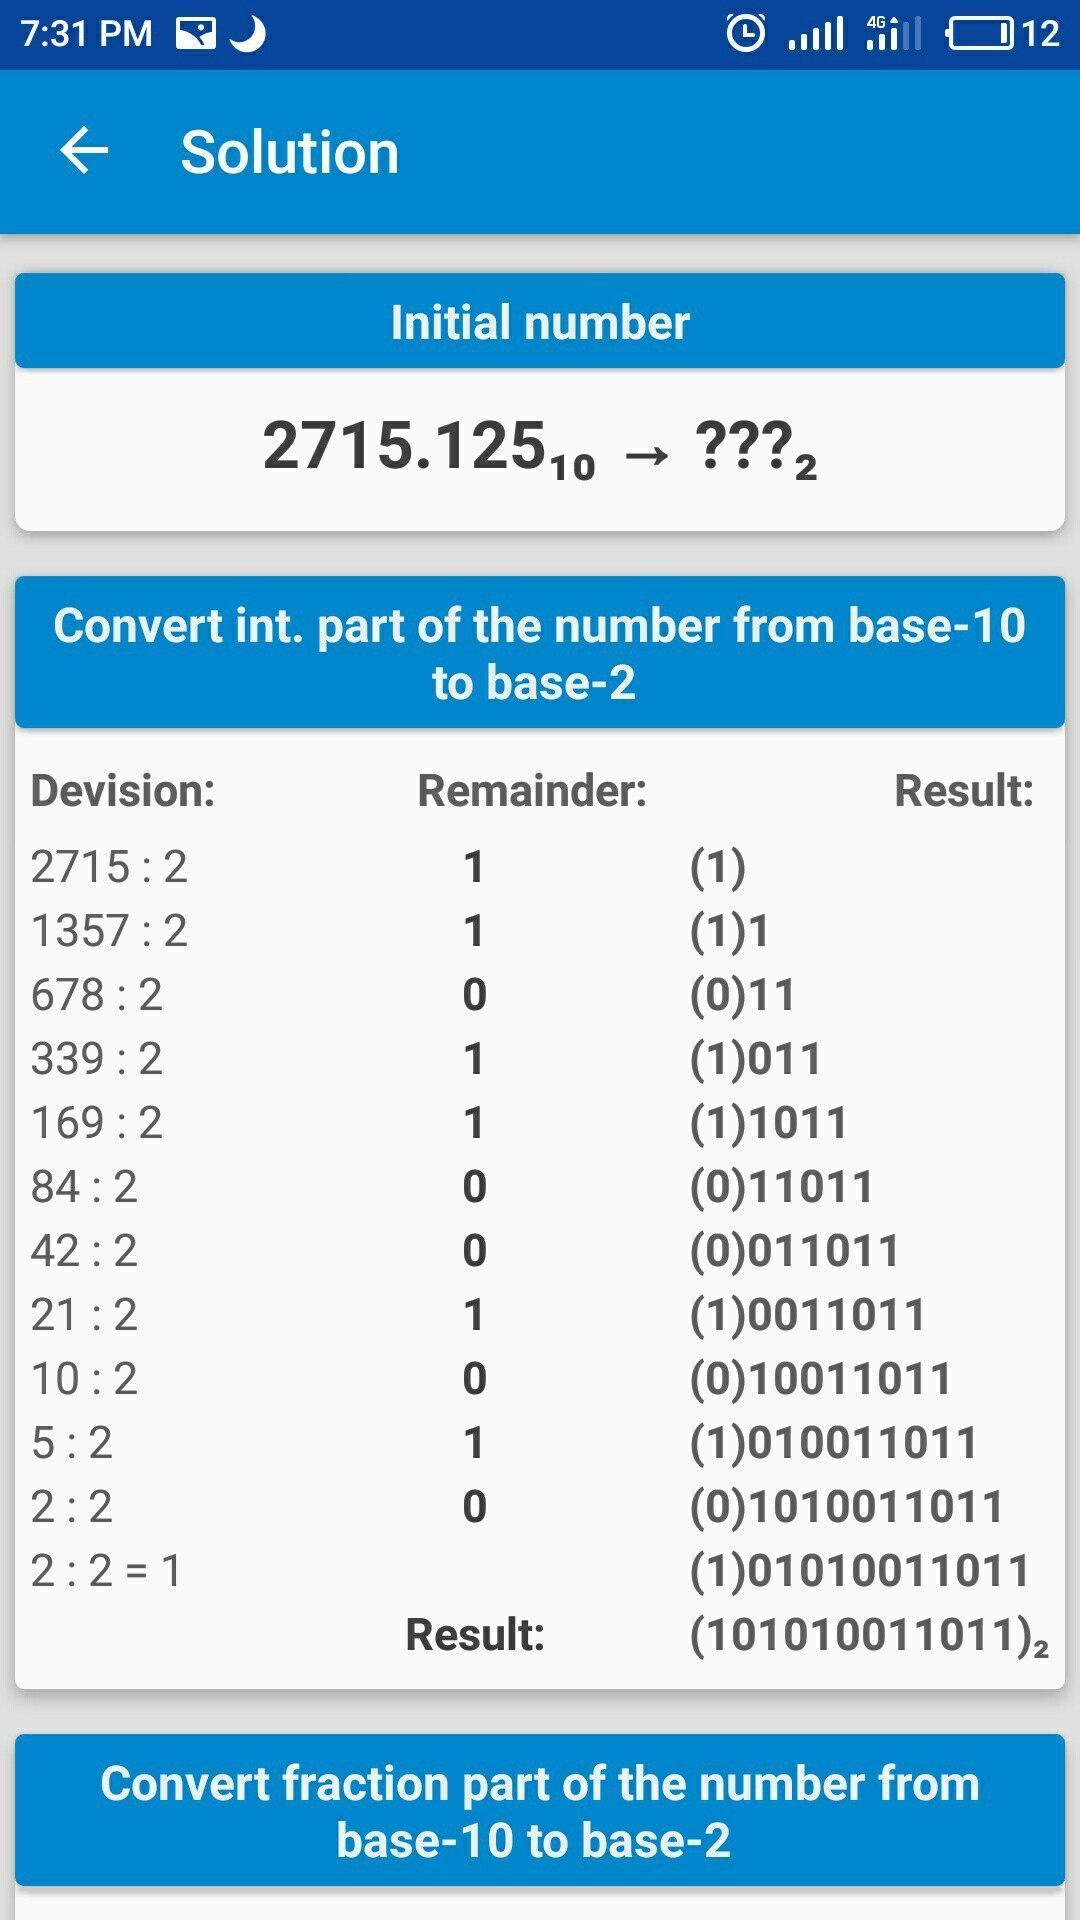 калькулятор системы 1xbet